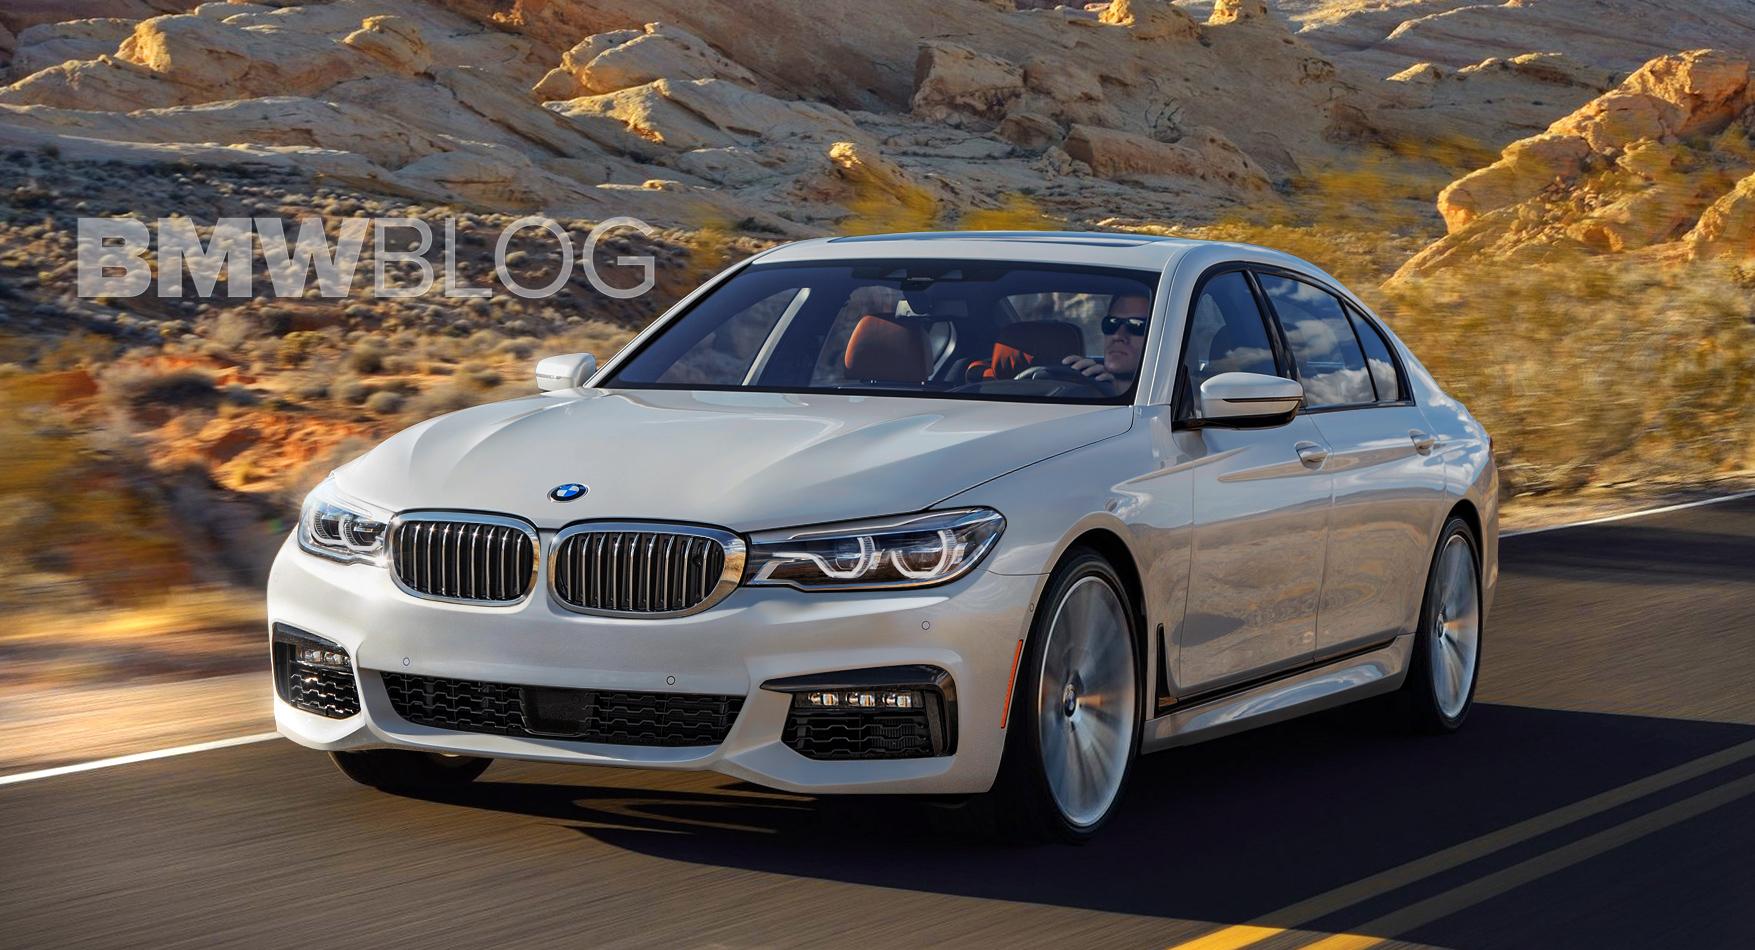 BMW G30 5 series rendering